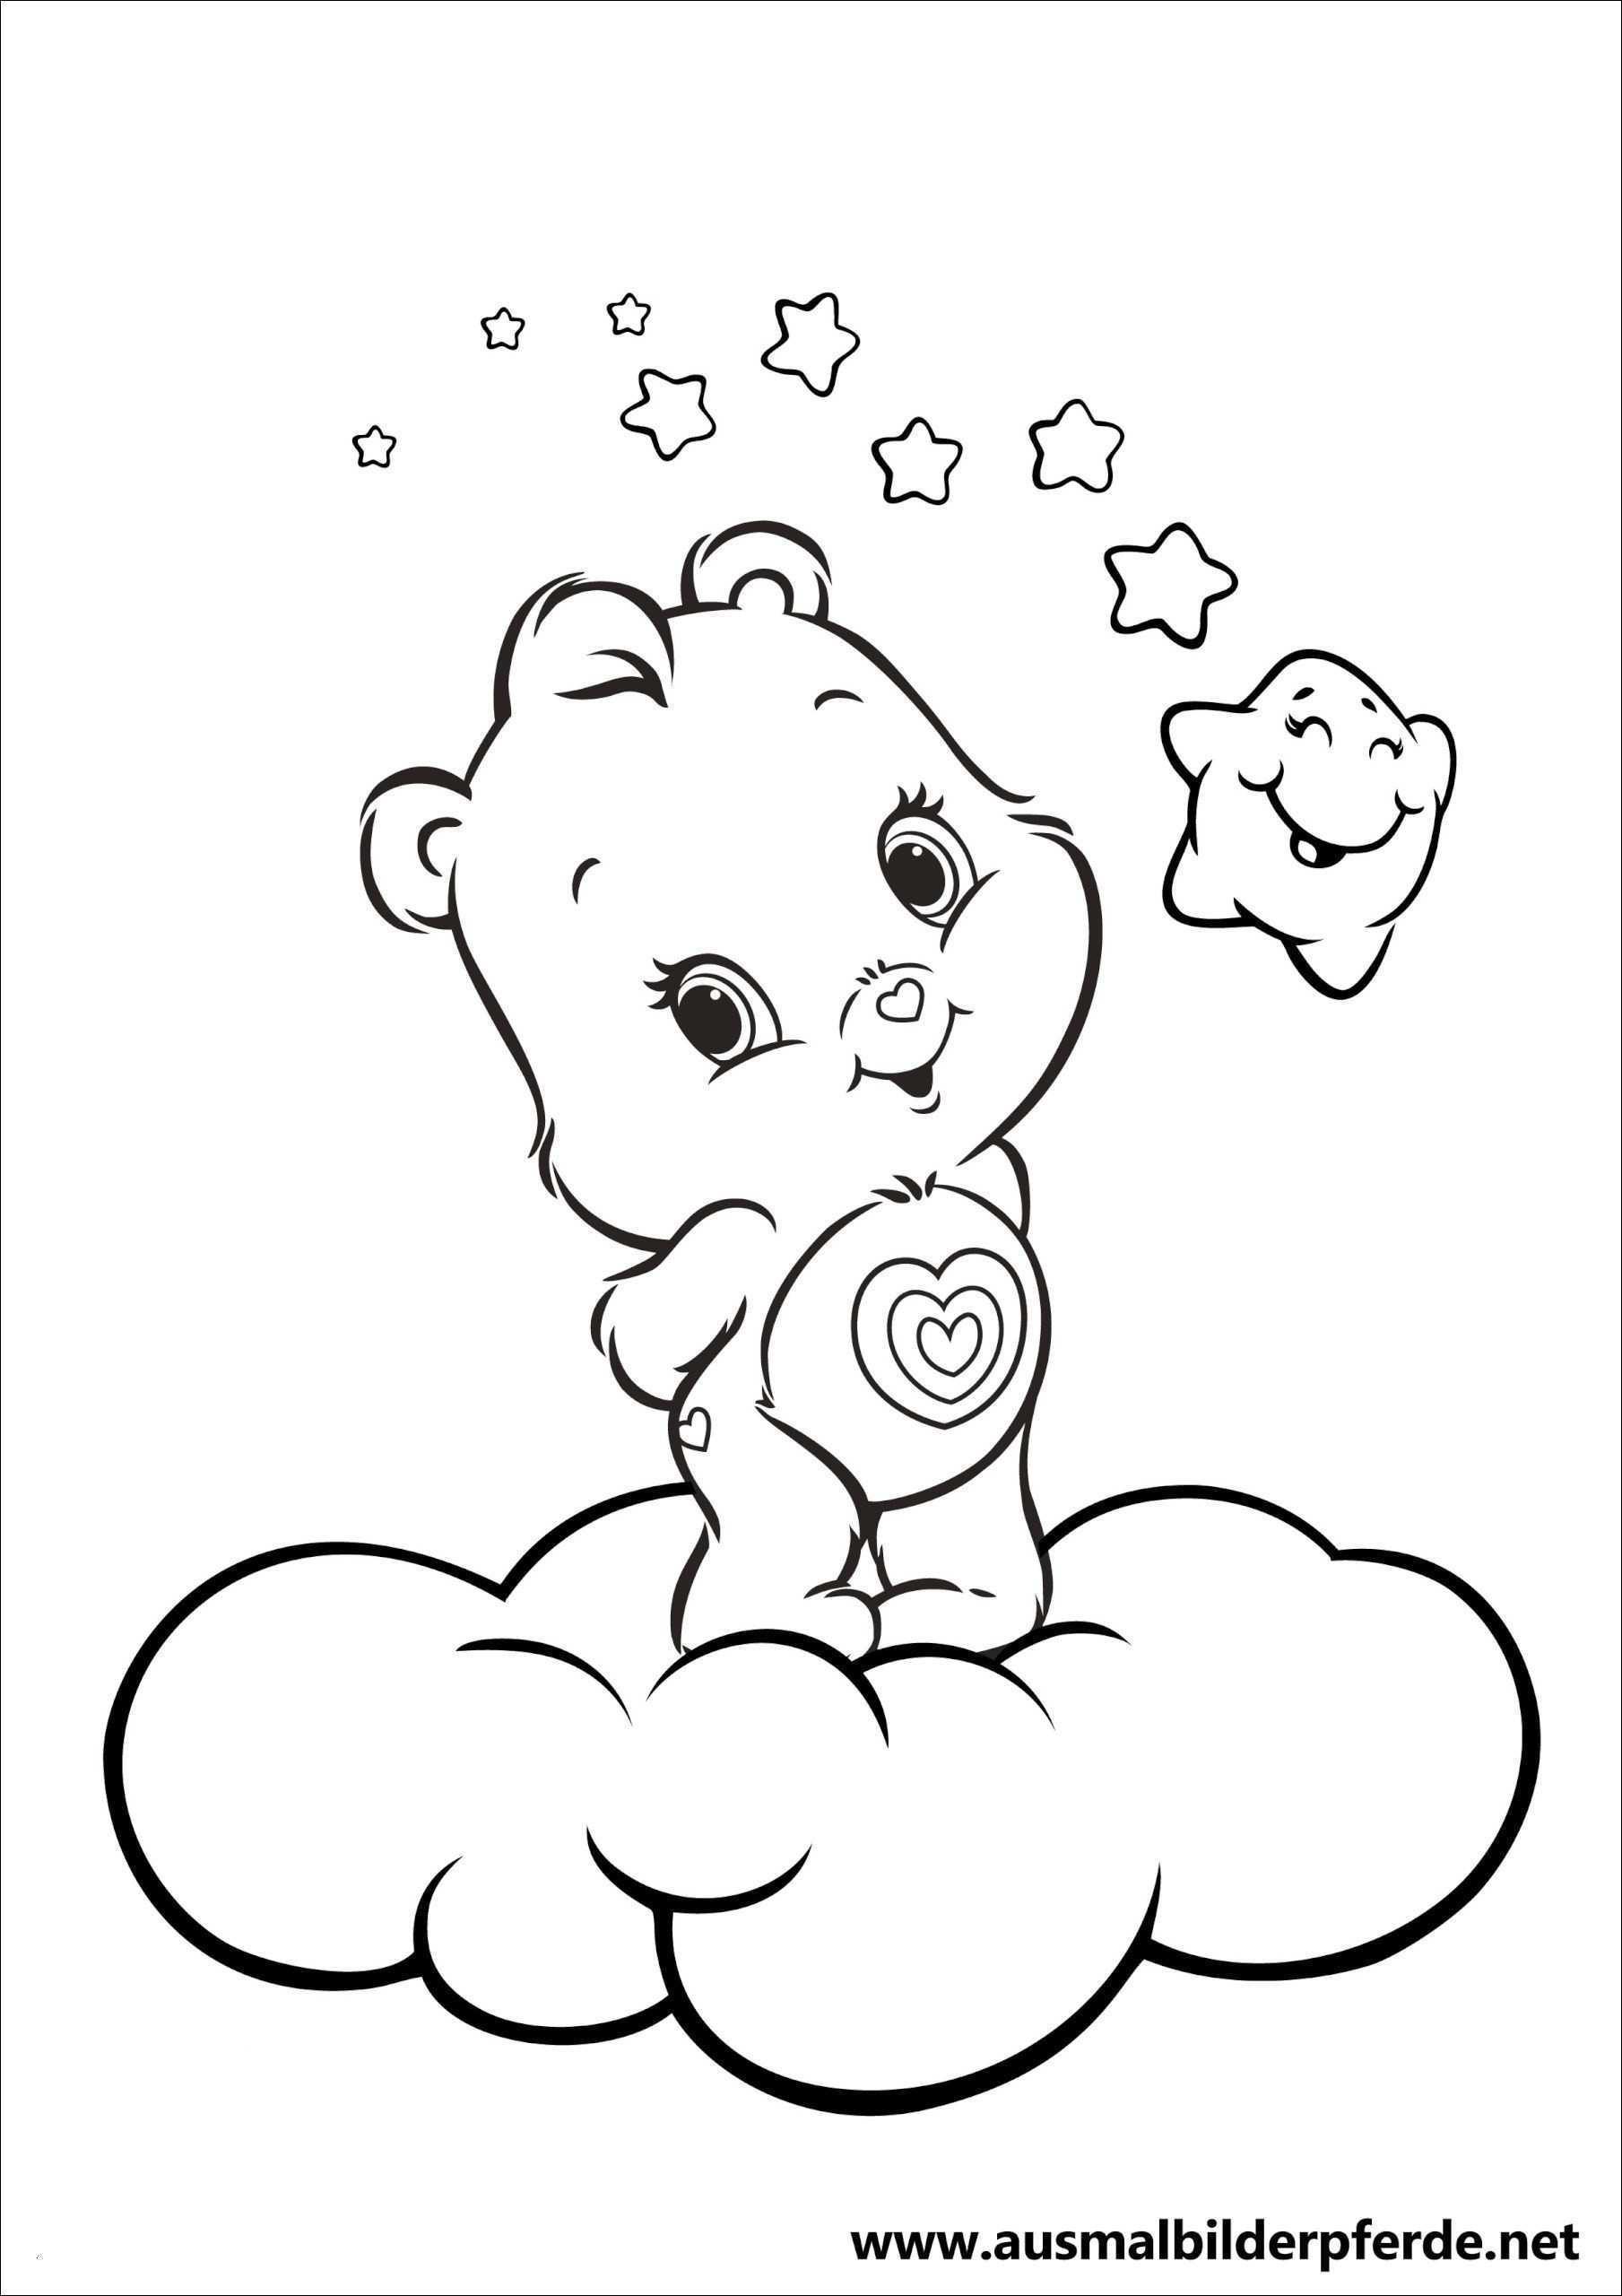 Ausmalbilder Minions Baby Inspirierend Ausmalbilder Minions Baby Fotos Minions Ausmalbilder Schön Sammlung